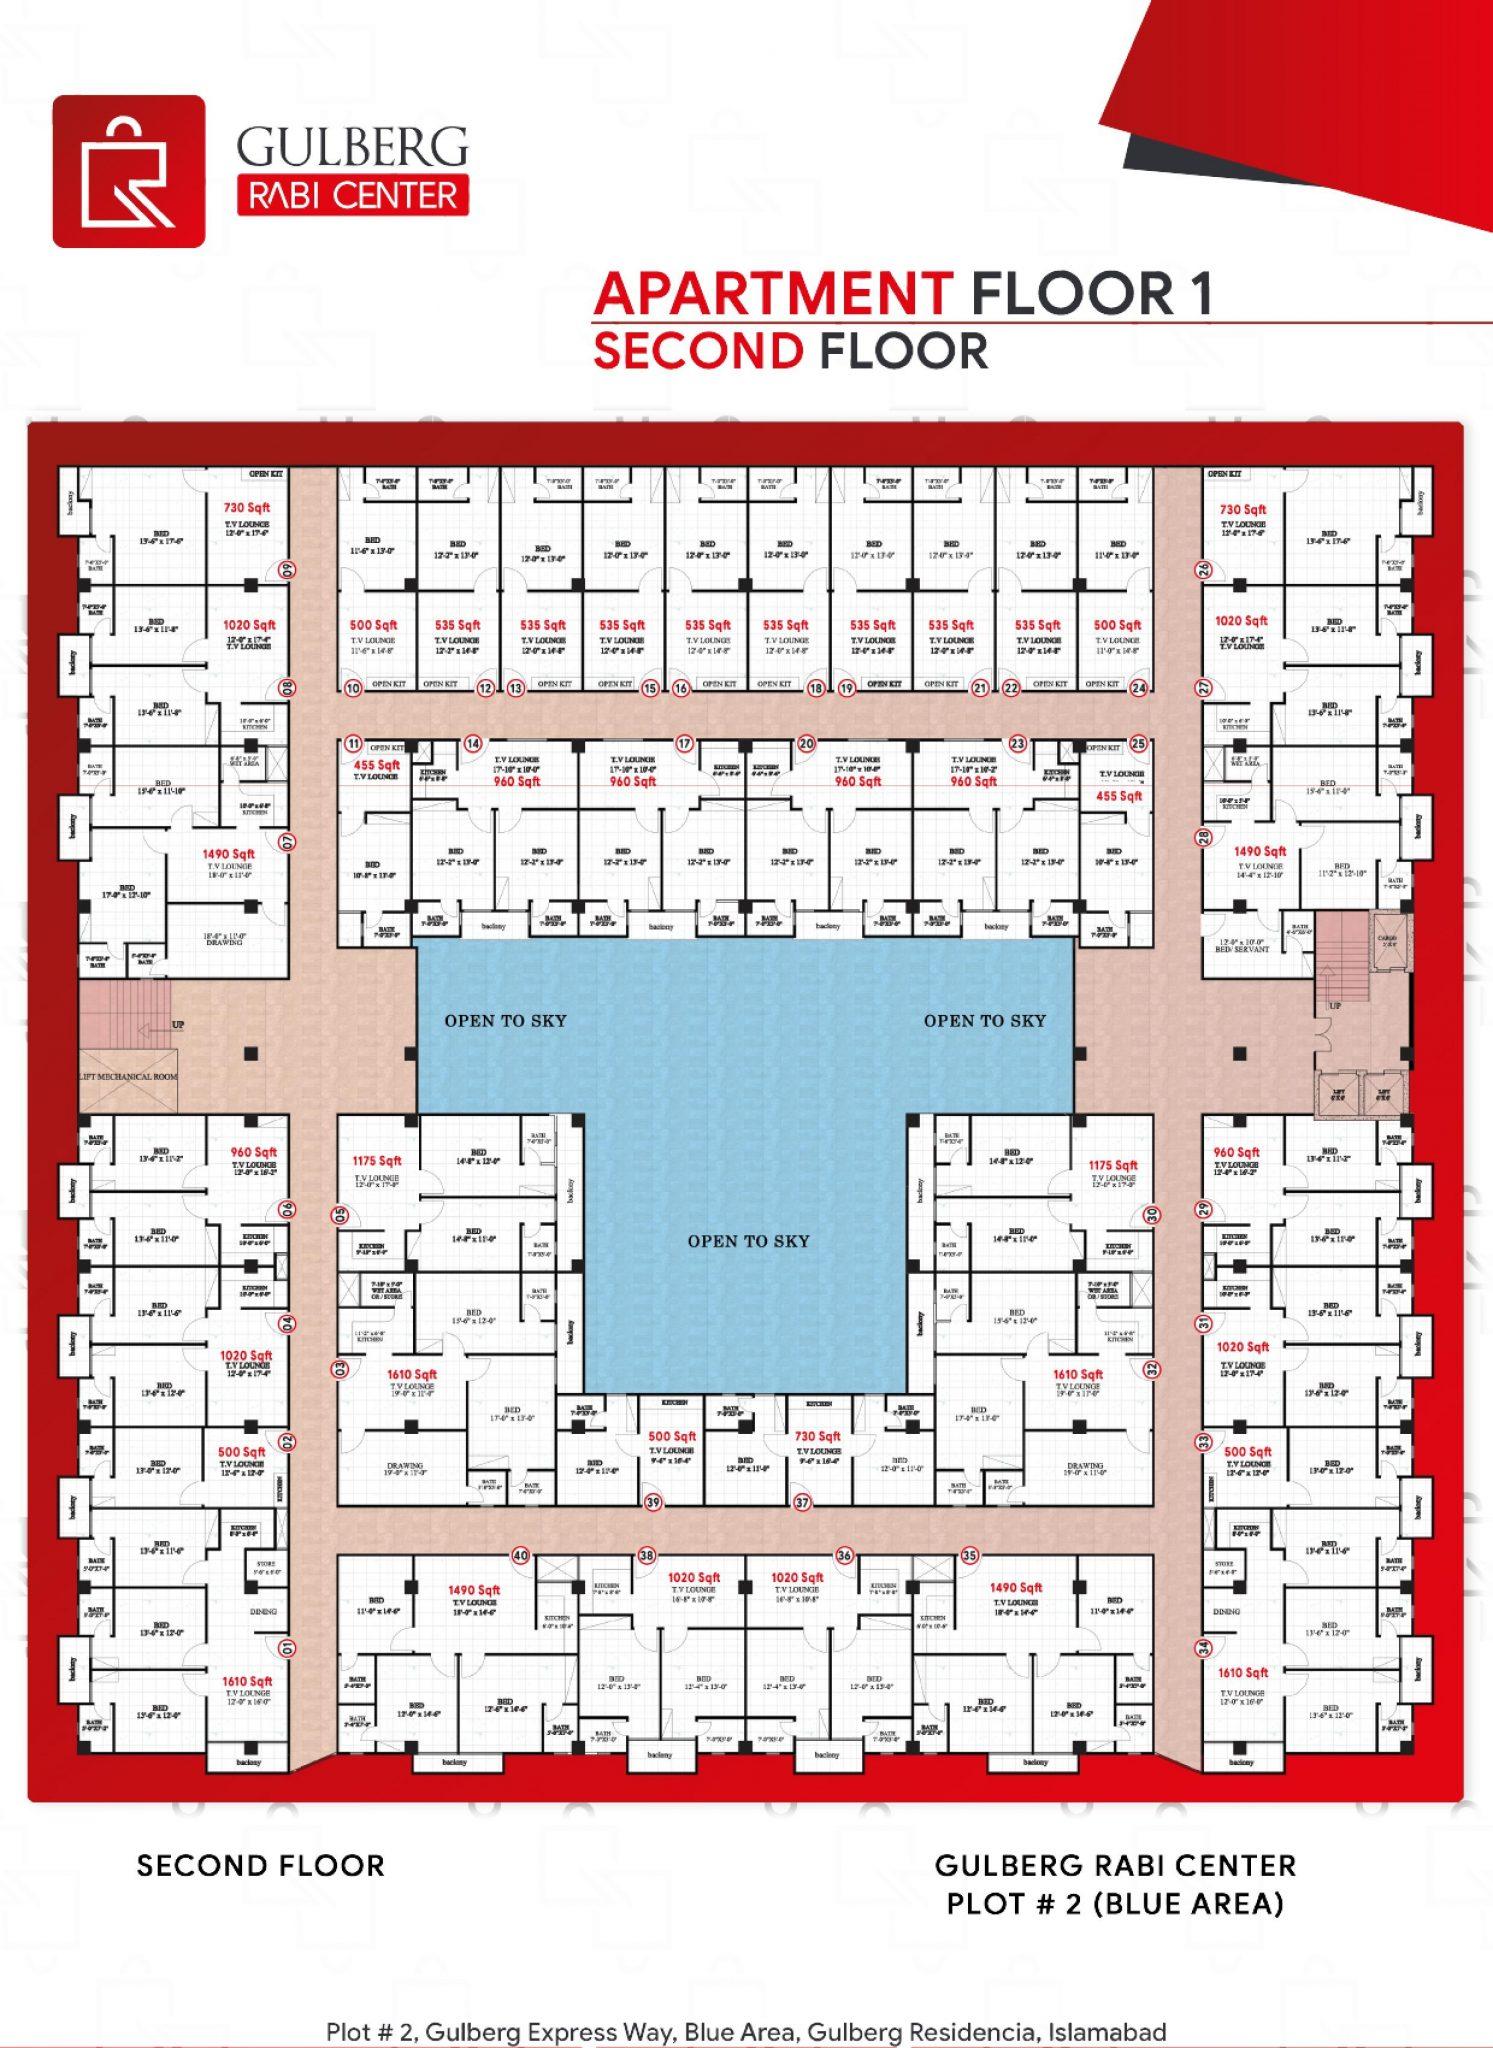 Payment Schedule Apartment Floor 1 - (Second Floor)